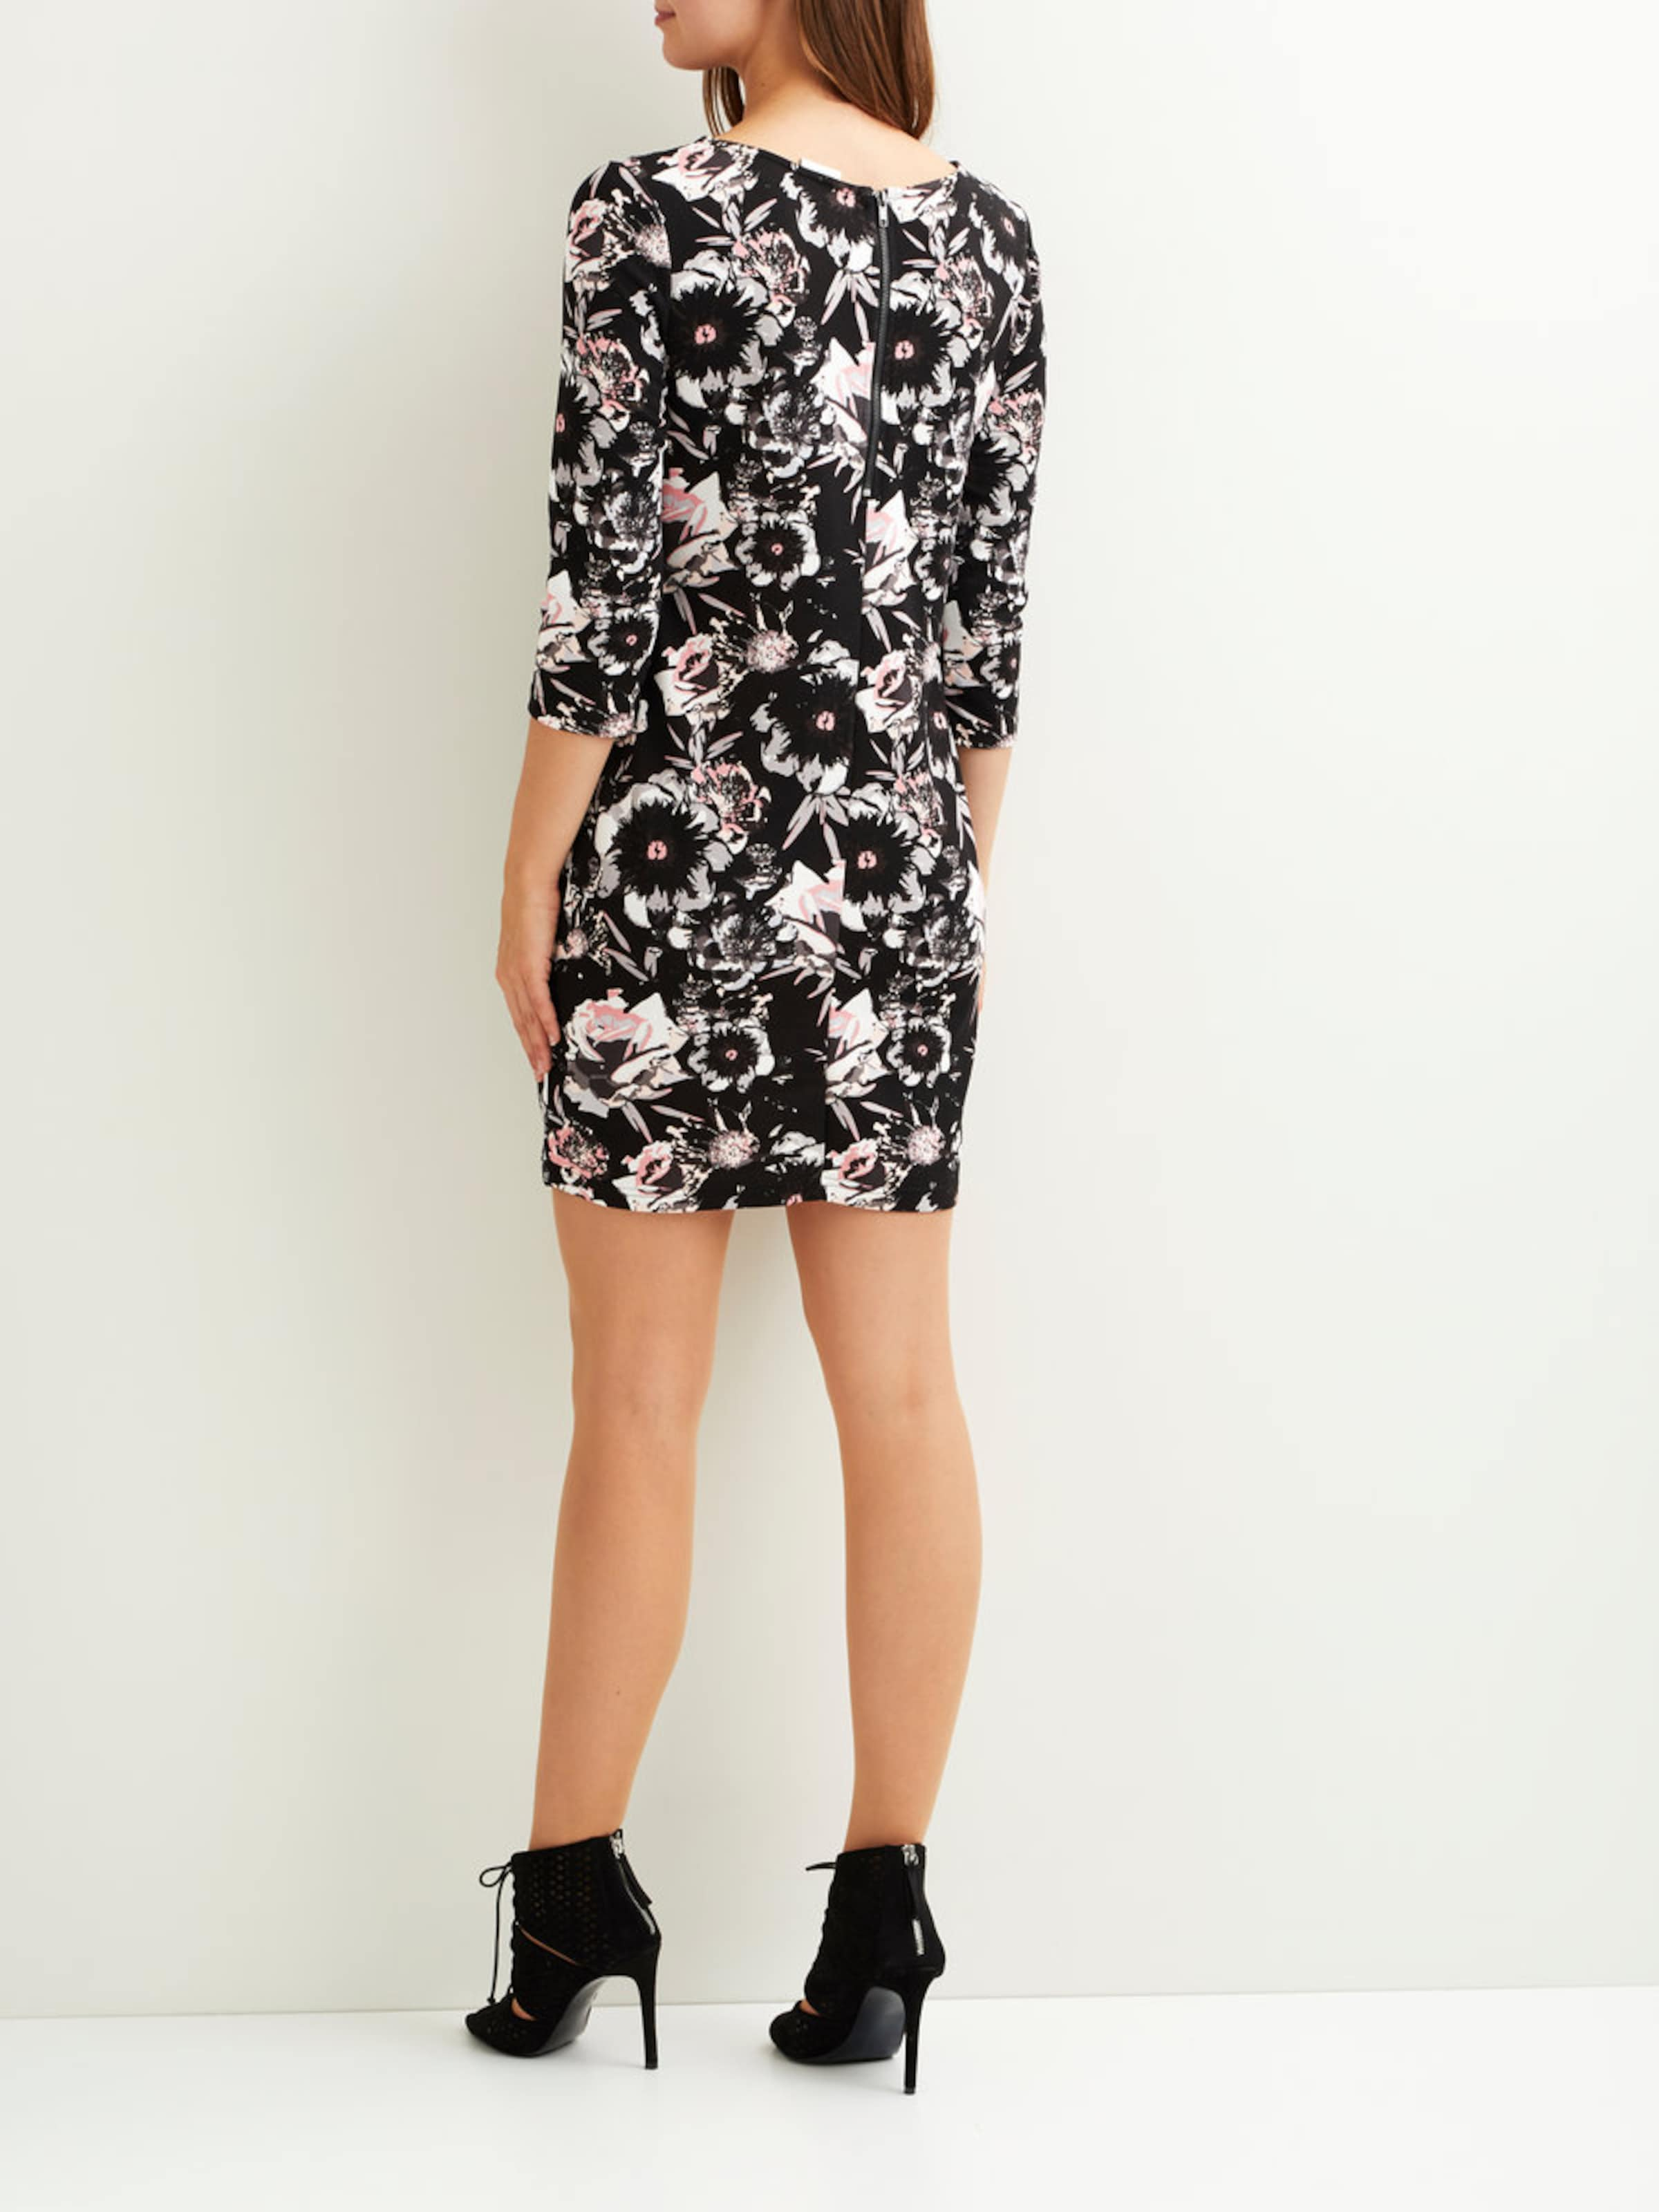 Erstaunlicher Preis Zu Verkaufen Spielraum Niedriger Versand VILA Bedrucktes Kleid yZAILJ